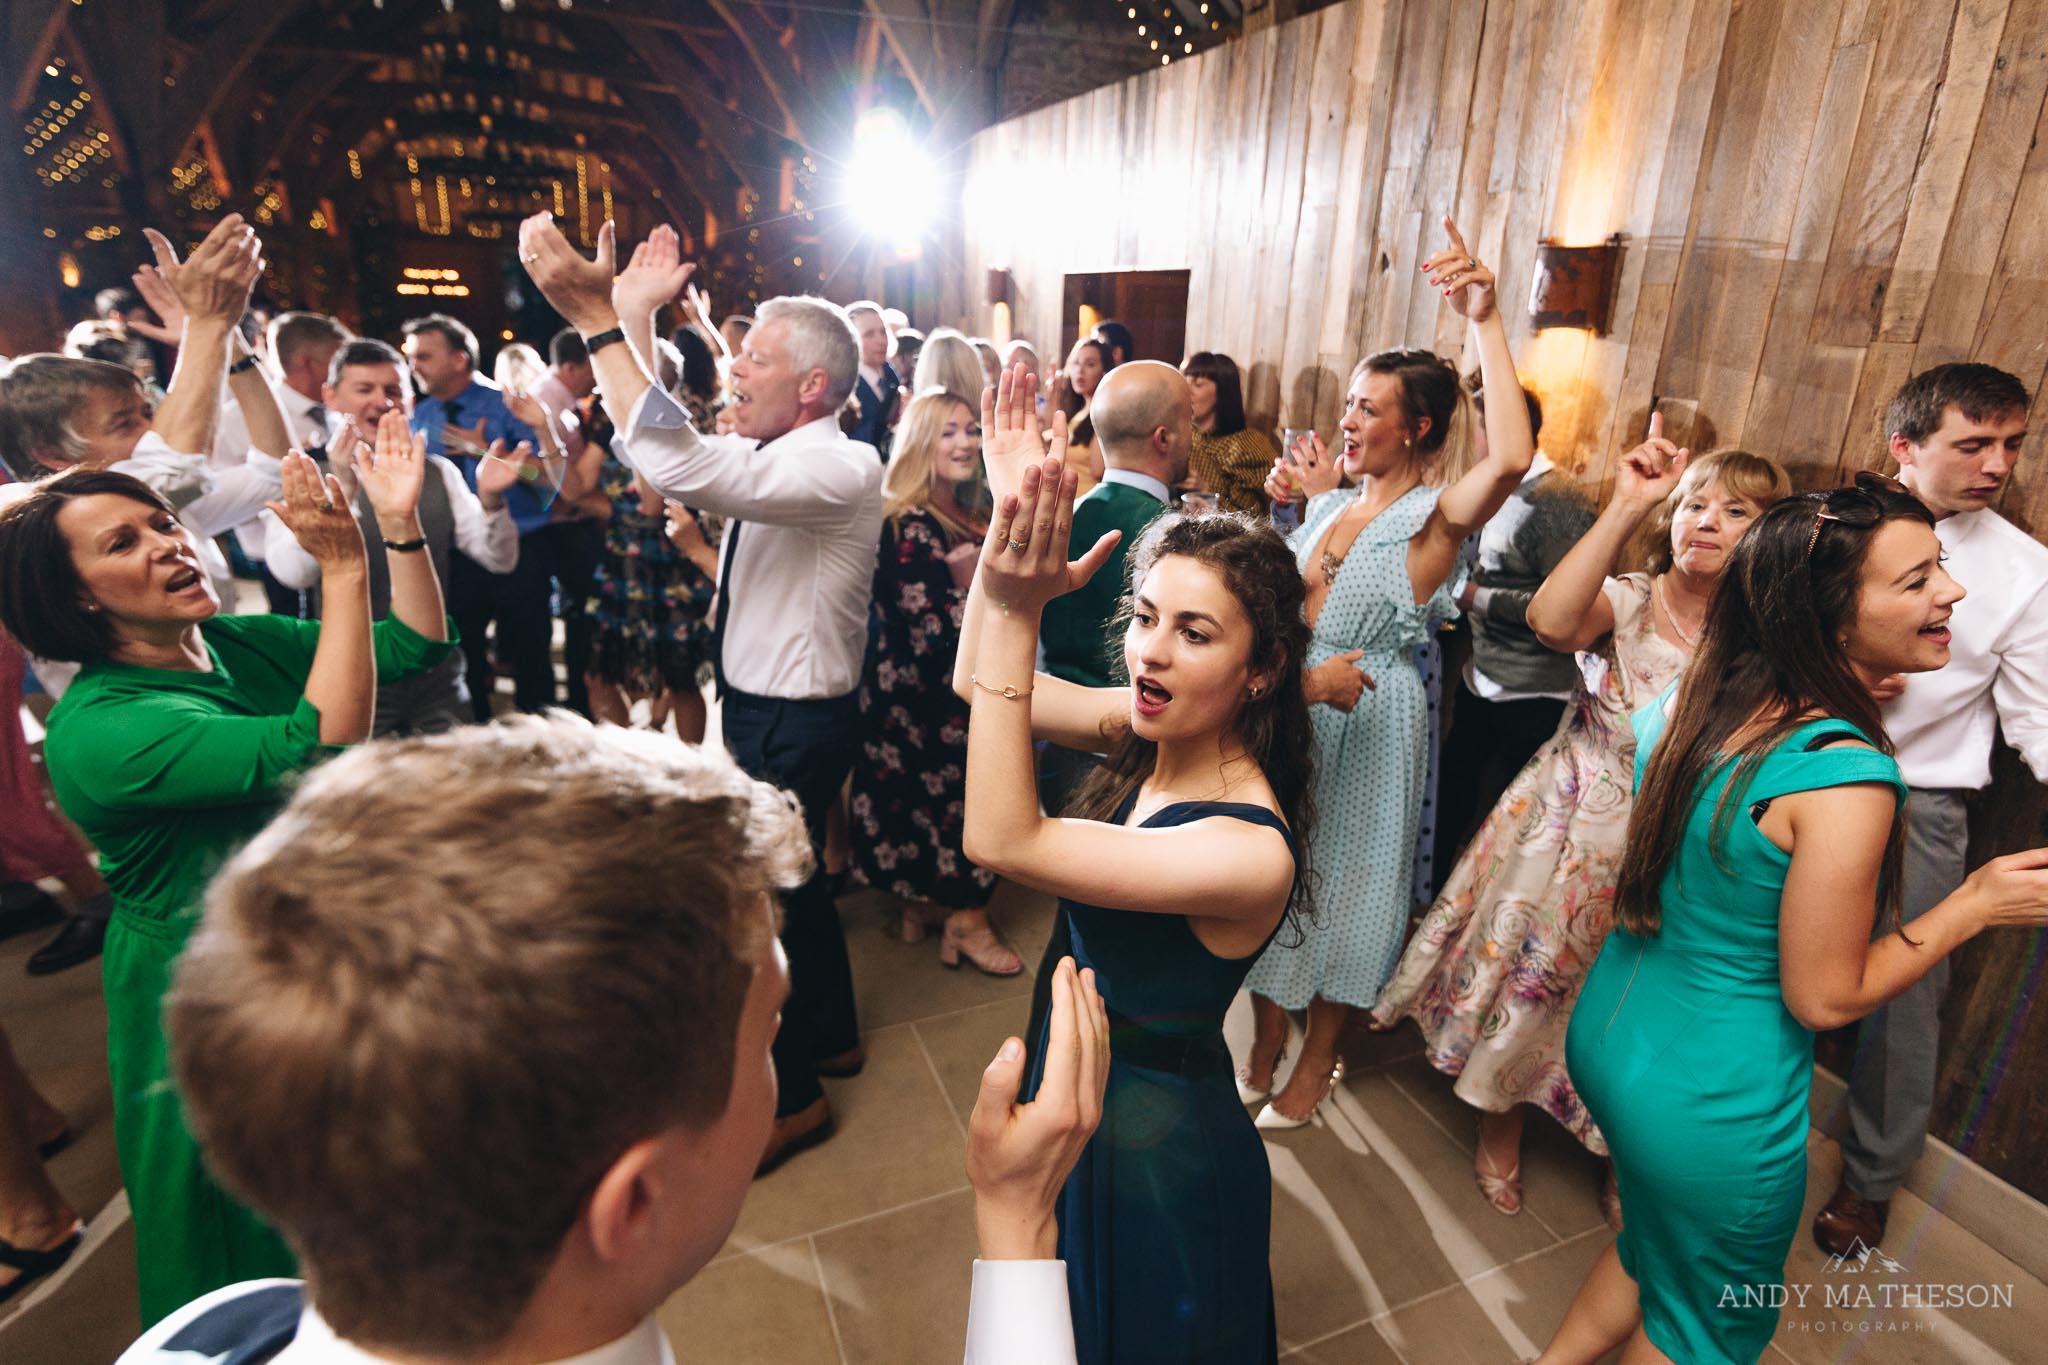 Tithe Barn Bolton Abbey Wedding Photographer_Andy Matheson_096.jpg